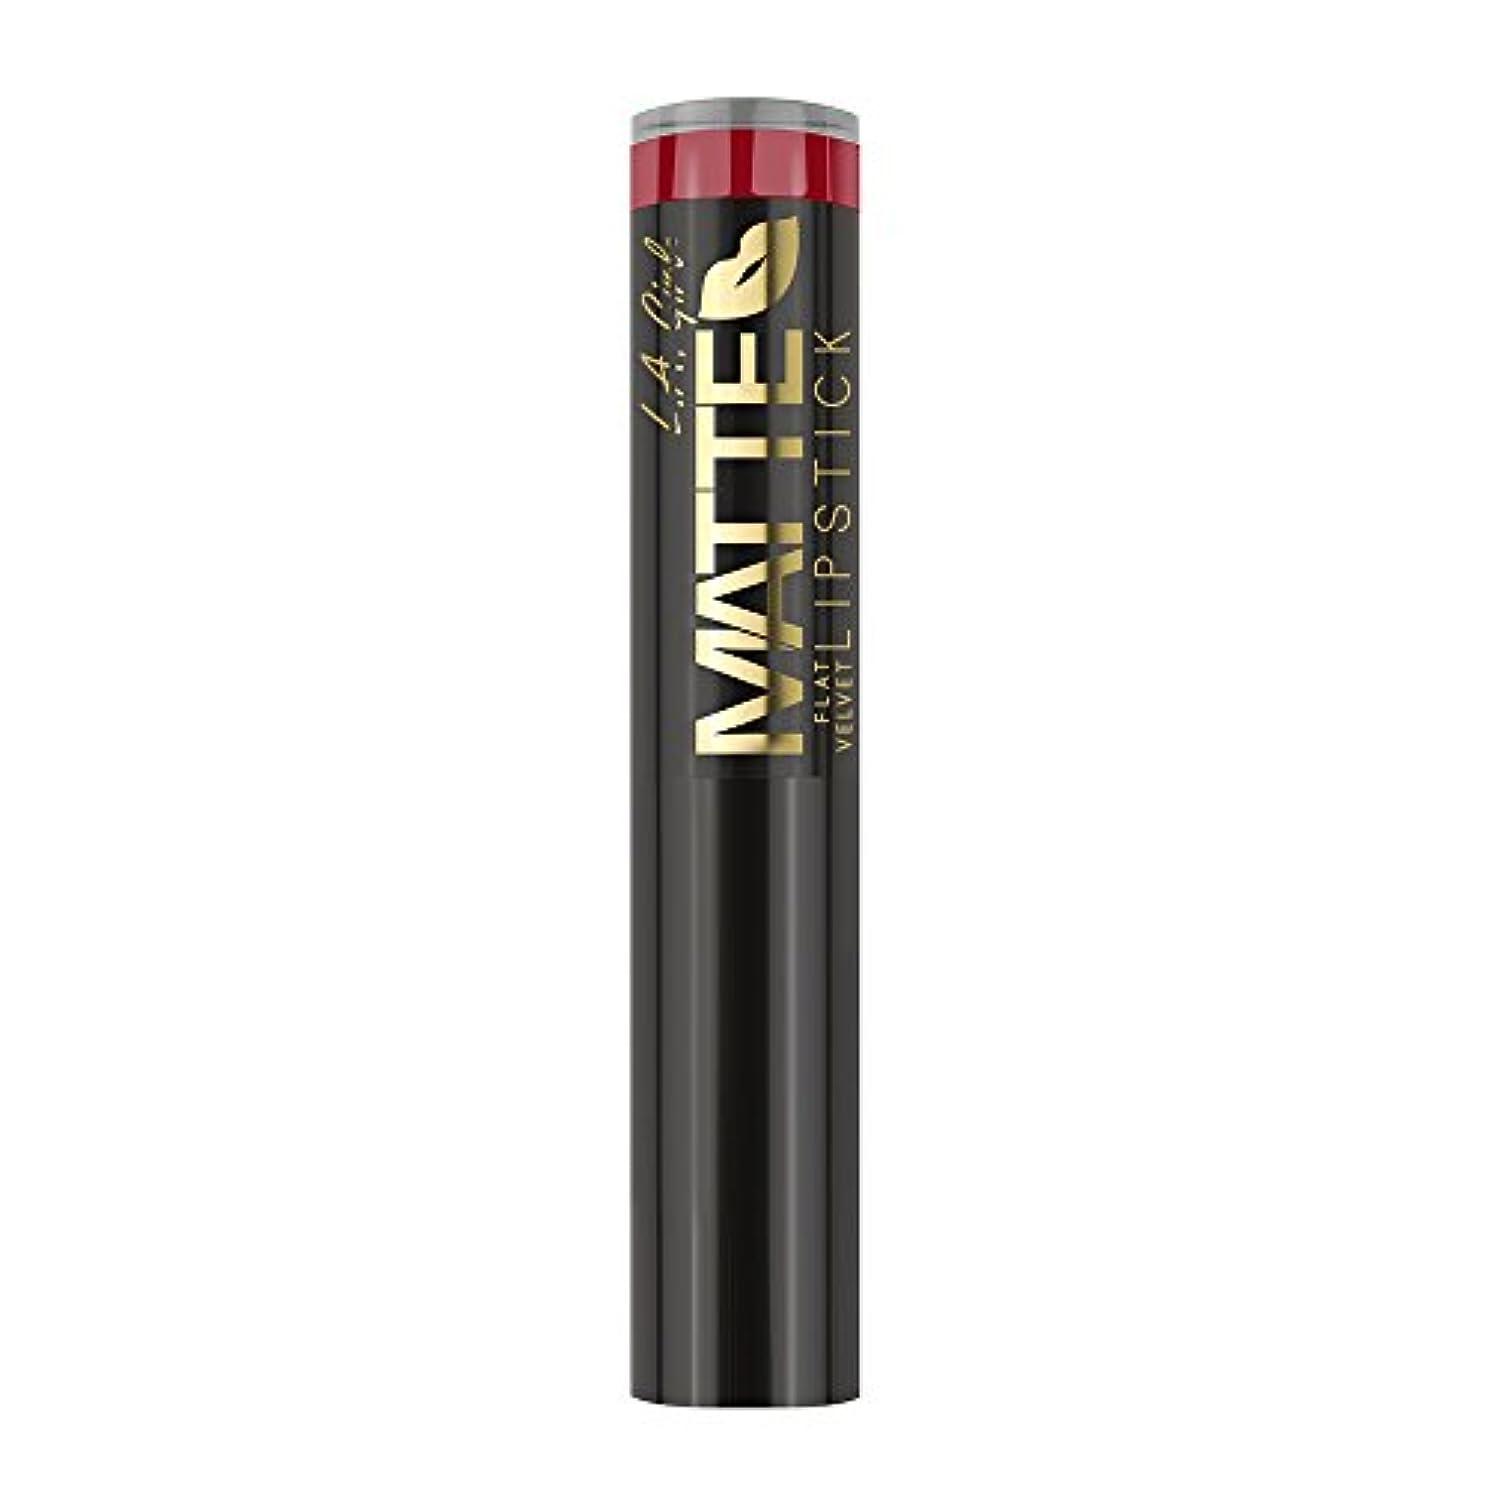 配管工入学する呪い(3 Pack) L.A. GIRL Matte Flat Velvet Lipstick Relentless (並行輸入品)